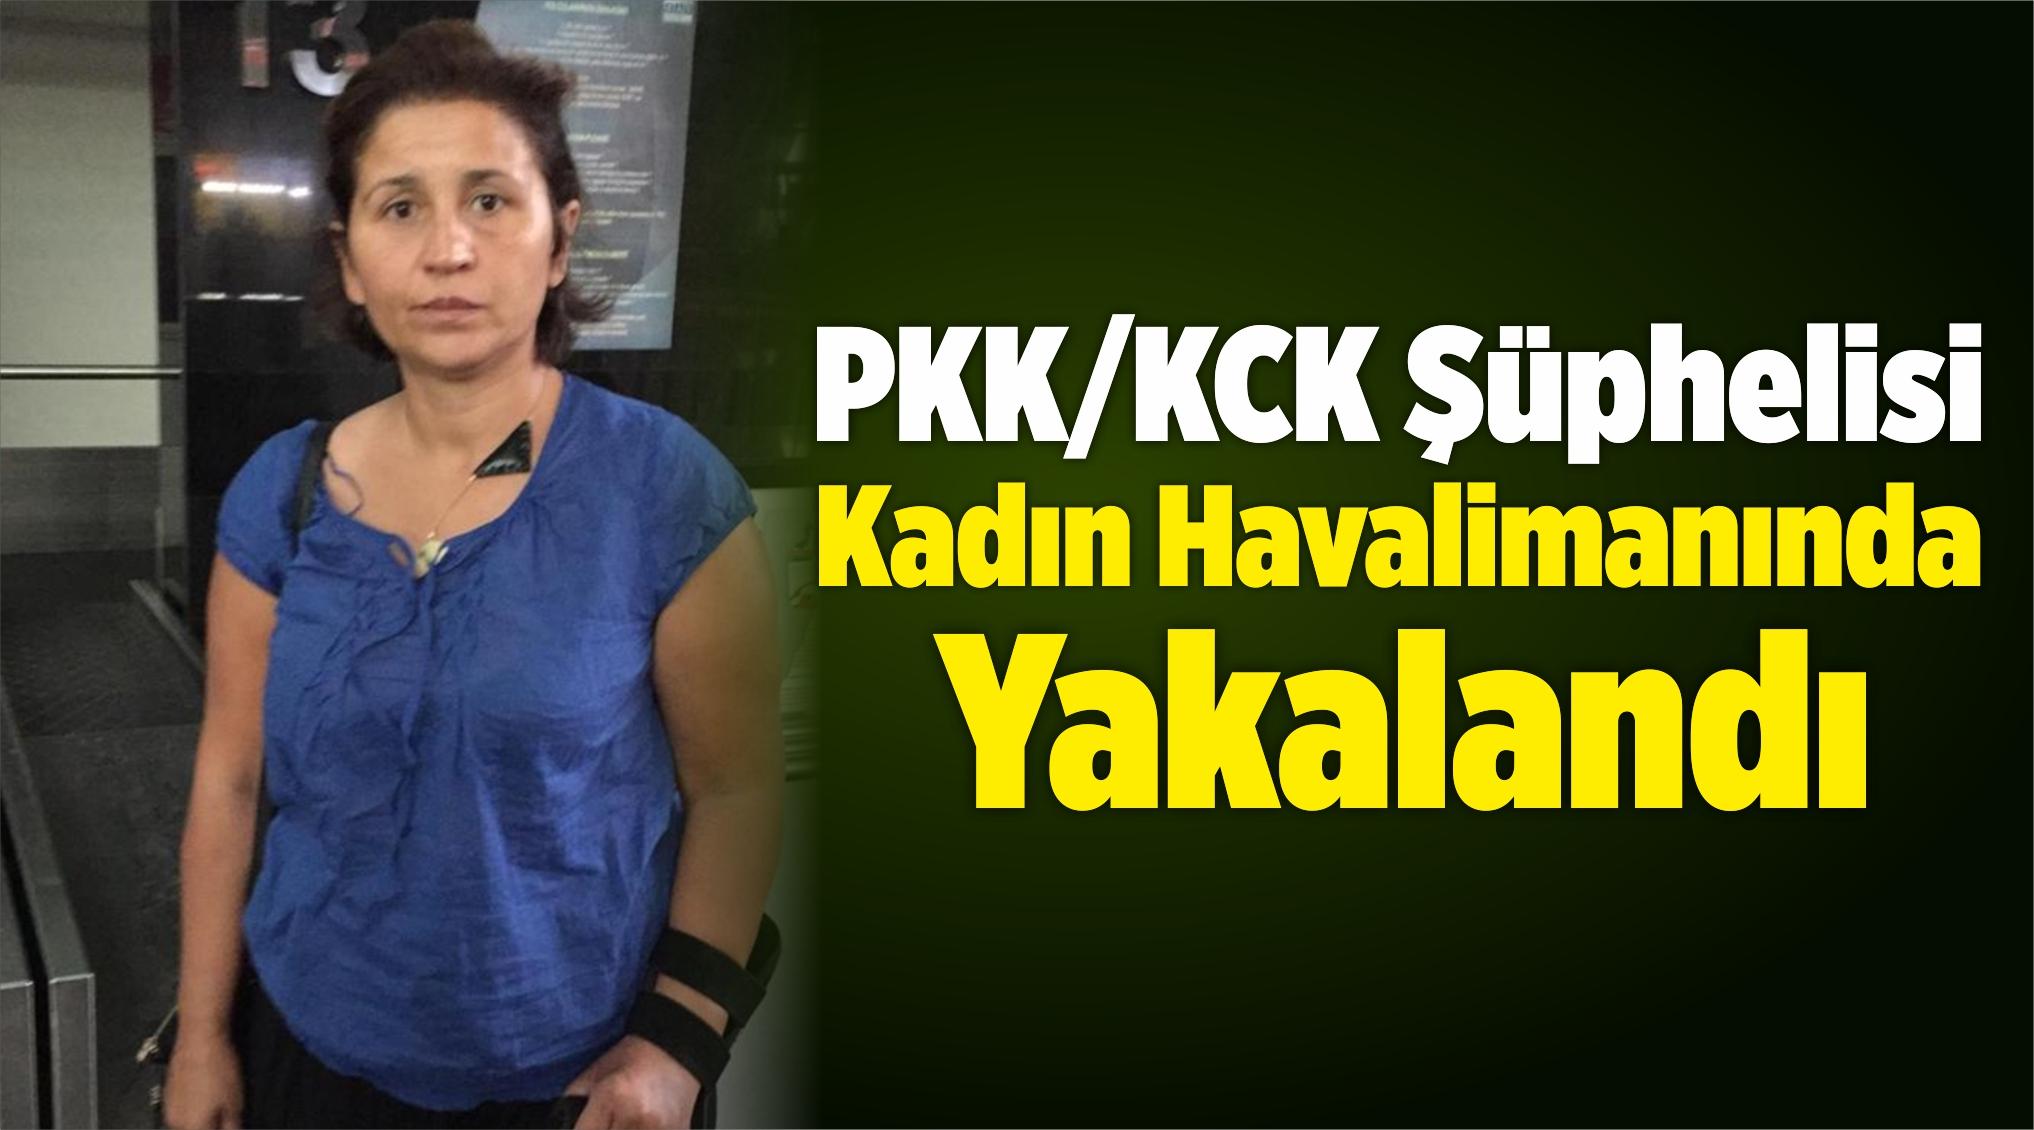 PKK/KCK Şüphelisi Kadın Havalimanında Yakalandı